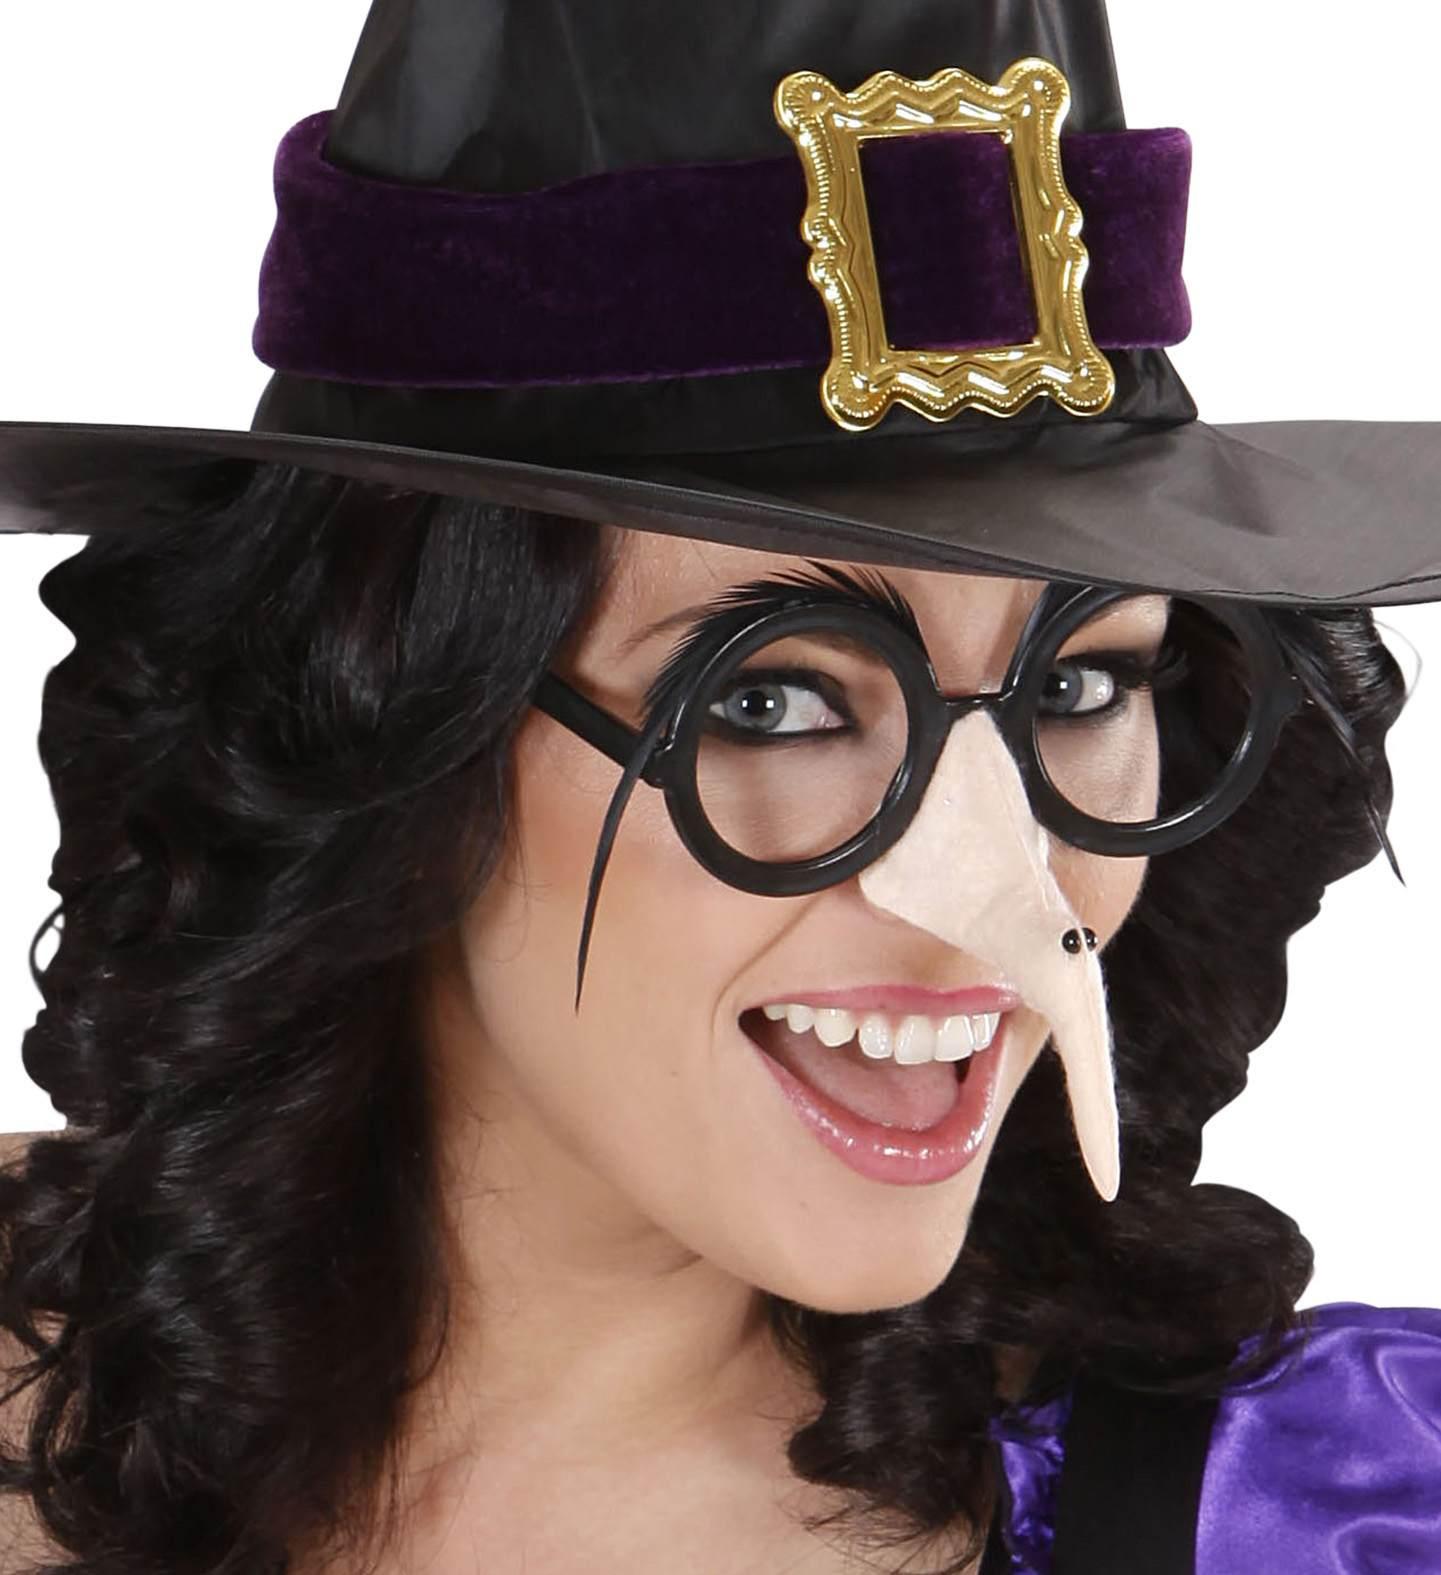 Αποκριάτικα Γυαλιά Με Μύτη Μάγισσας Και Μάυρα Φρύδια